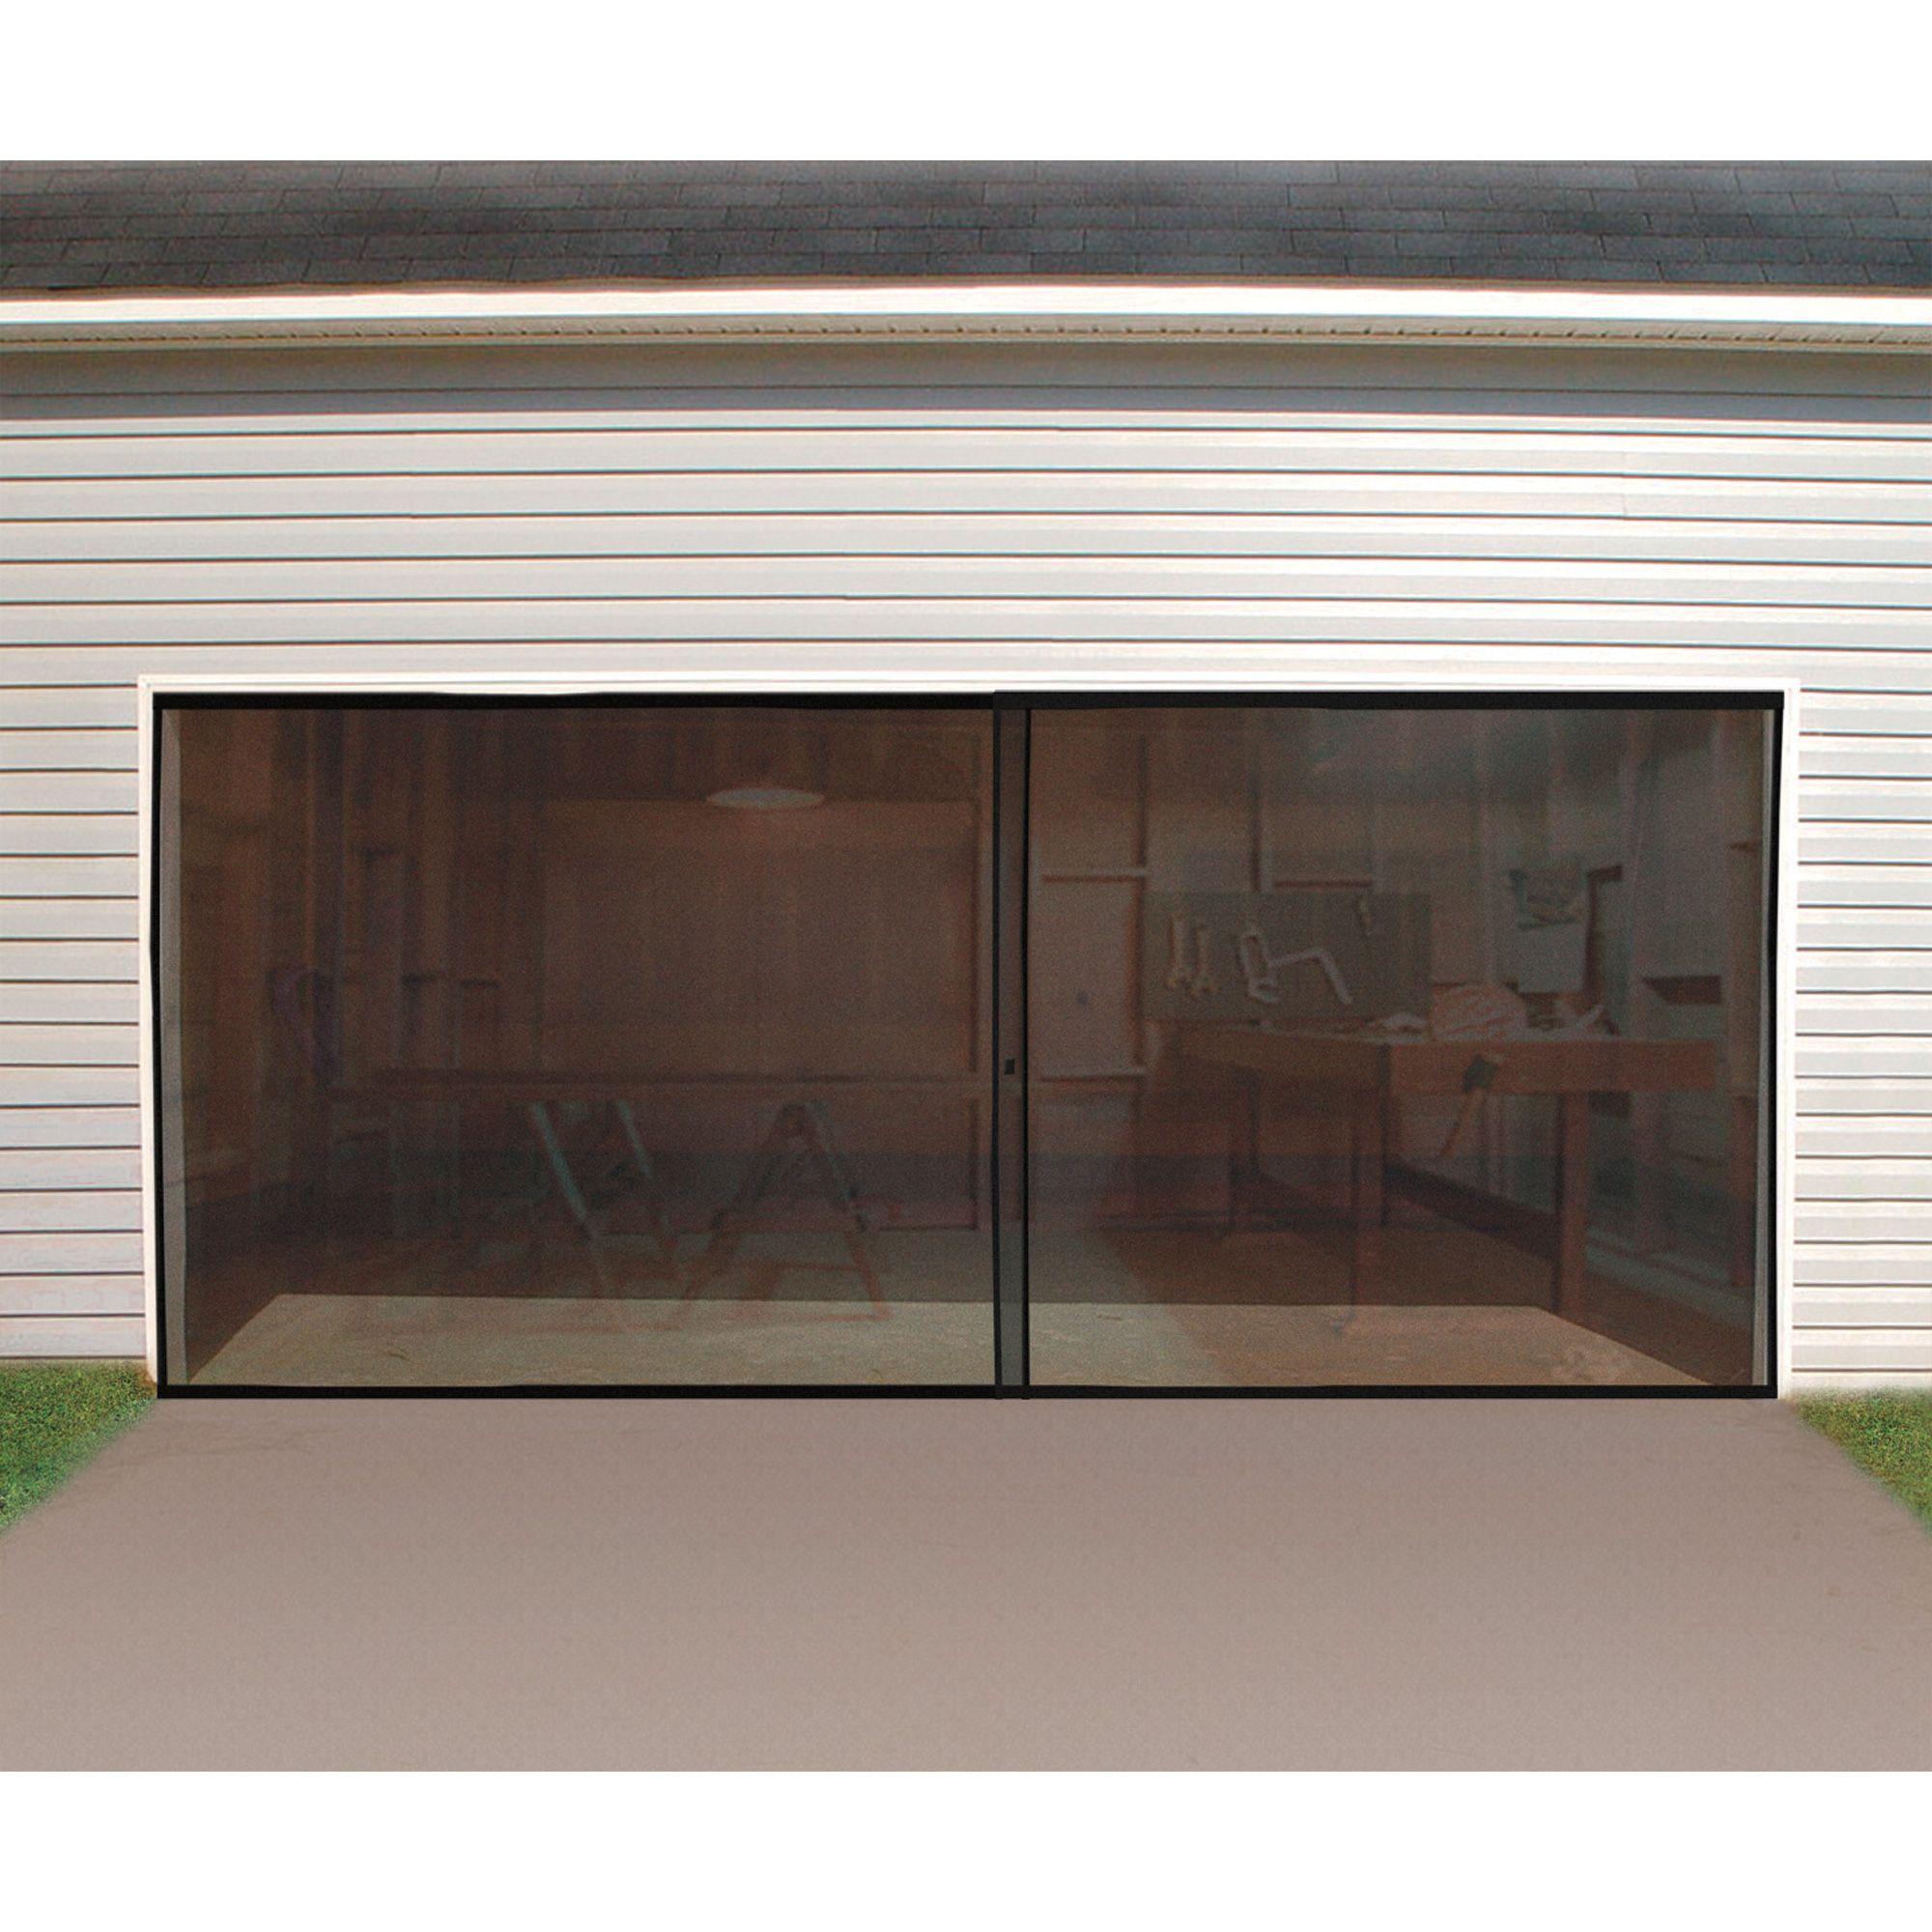 Double Garage Door Keeps The Bugs Out Of Your Garage Www Kotulas Com Free Shipping 29 Garage Decor Garage Door Design Garage Screen Door